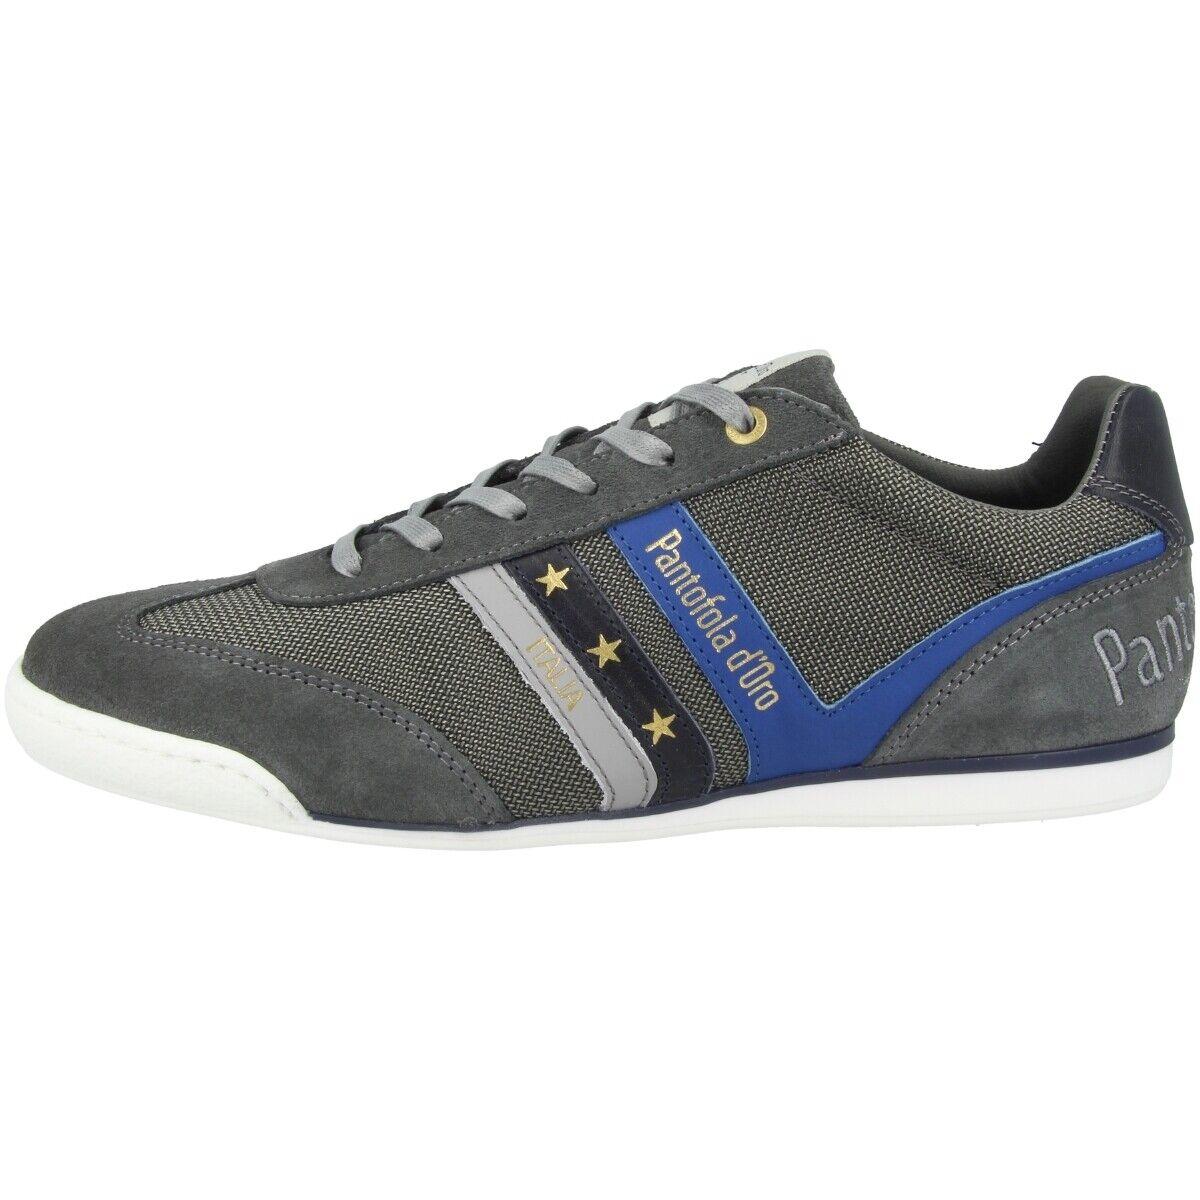 Pantofola d Gold Vasto NB herren Low Loreto Schuhe Herren Turnschuhe grau 10201046.10C